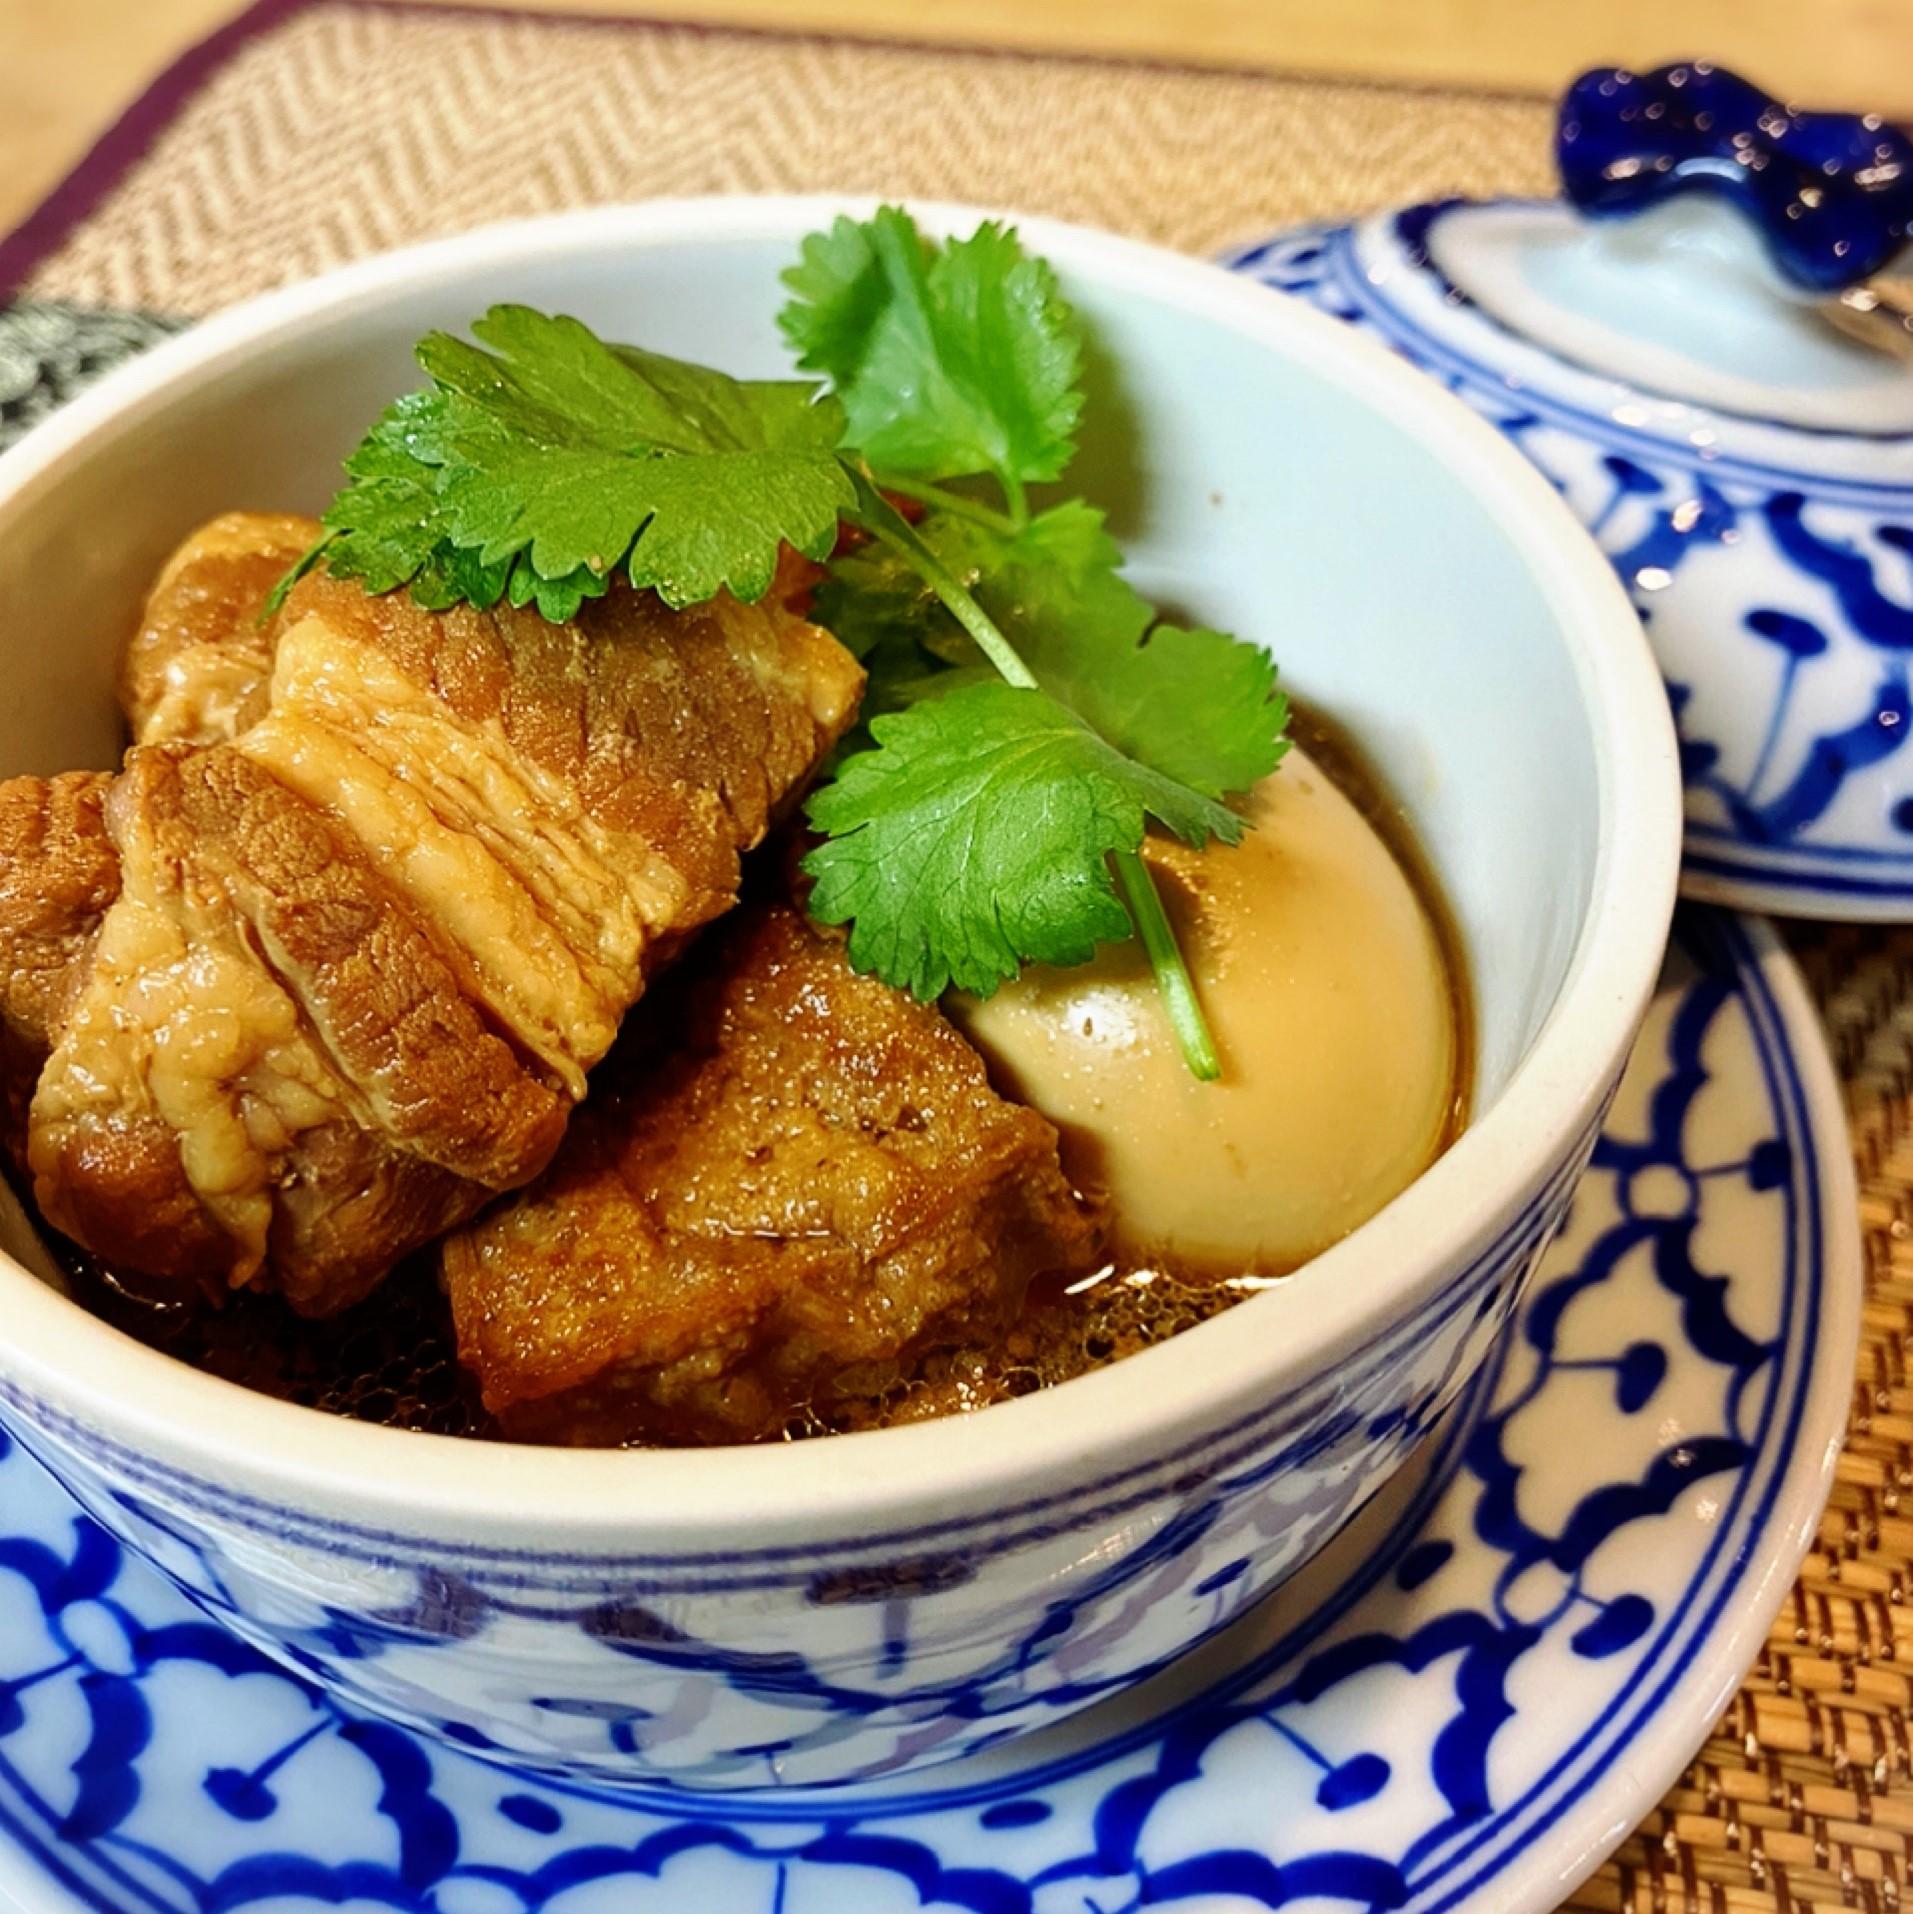 シナモン香る豚の角煮「パロー」